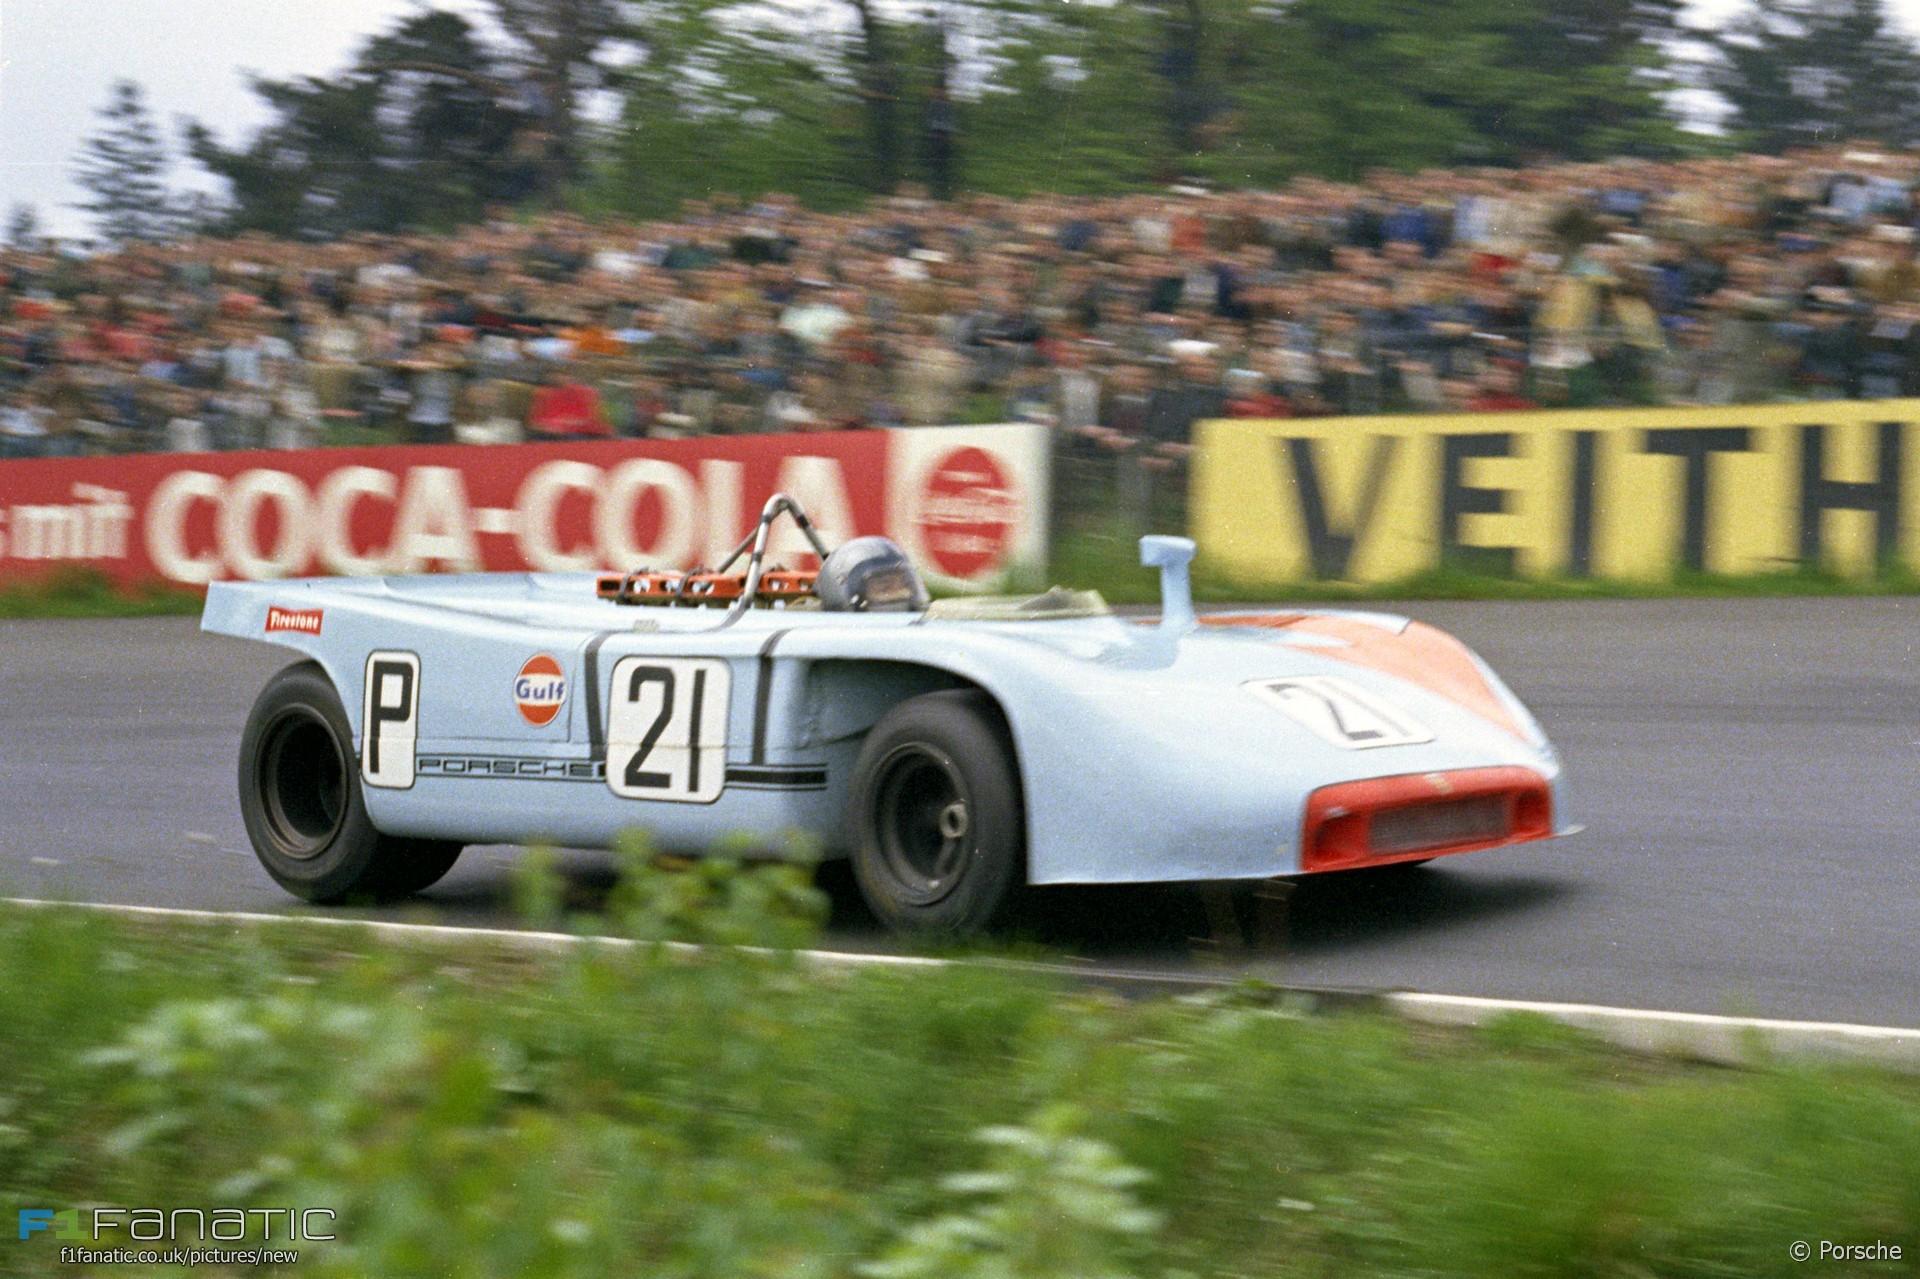 kinn-prod-pors-908-03-nord-1970 · F1 Fanatic